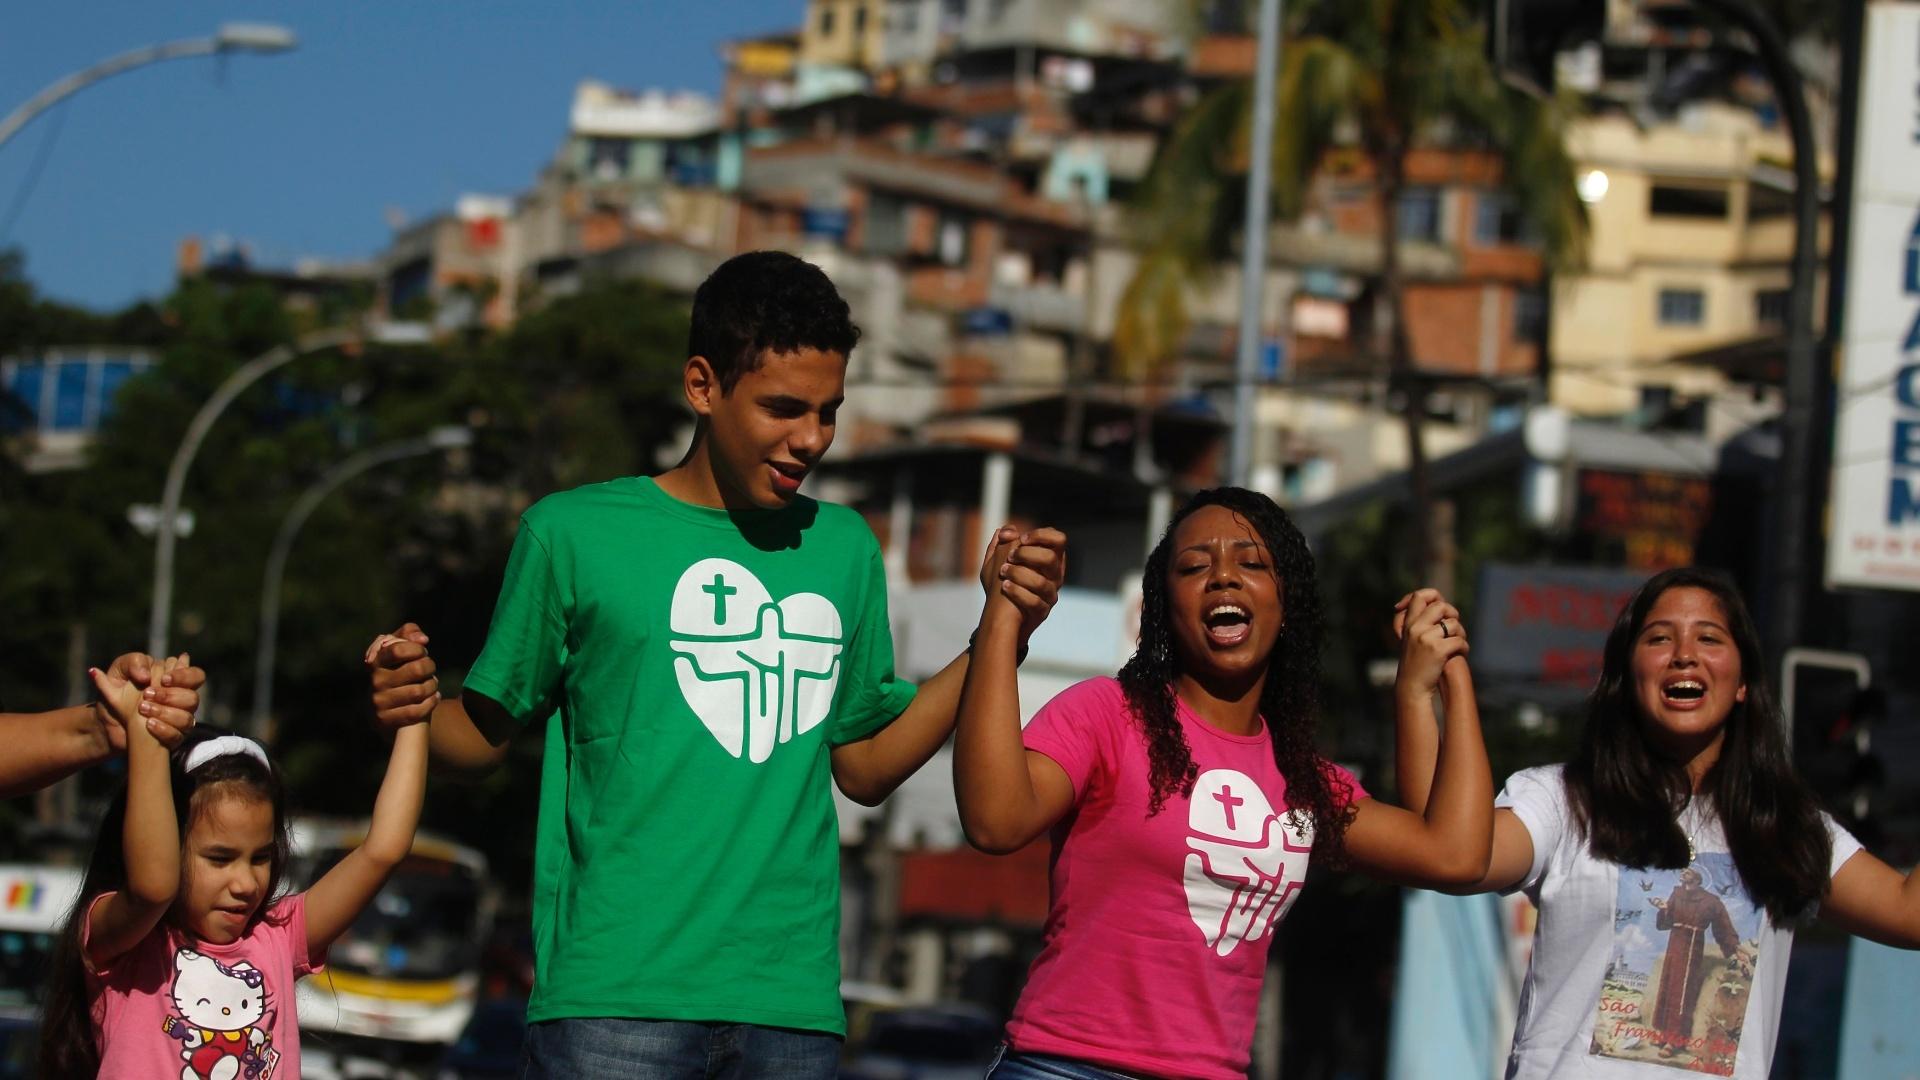 http://imguol.com/c/noticias/2013/07/15/jovens-caminham-pelas-ruas-da-favela-do-vidigal-no-rio-antes-da-chegada-dos-simbolos-da-jornada-mundial-da-juventude-nesta-segunda-feira-1373914086202_1920x1080.jpg